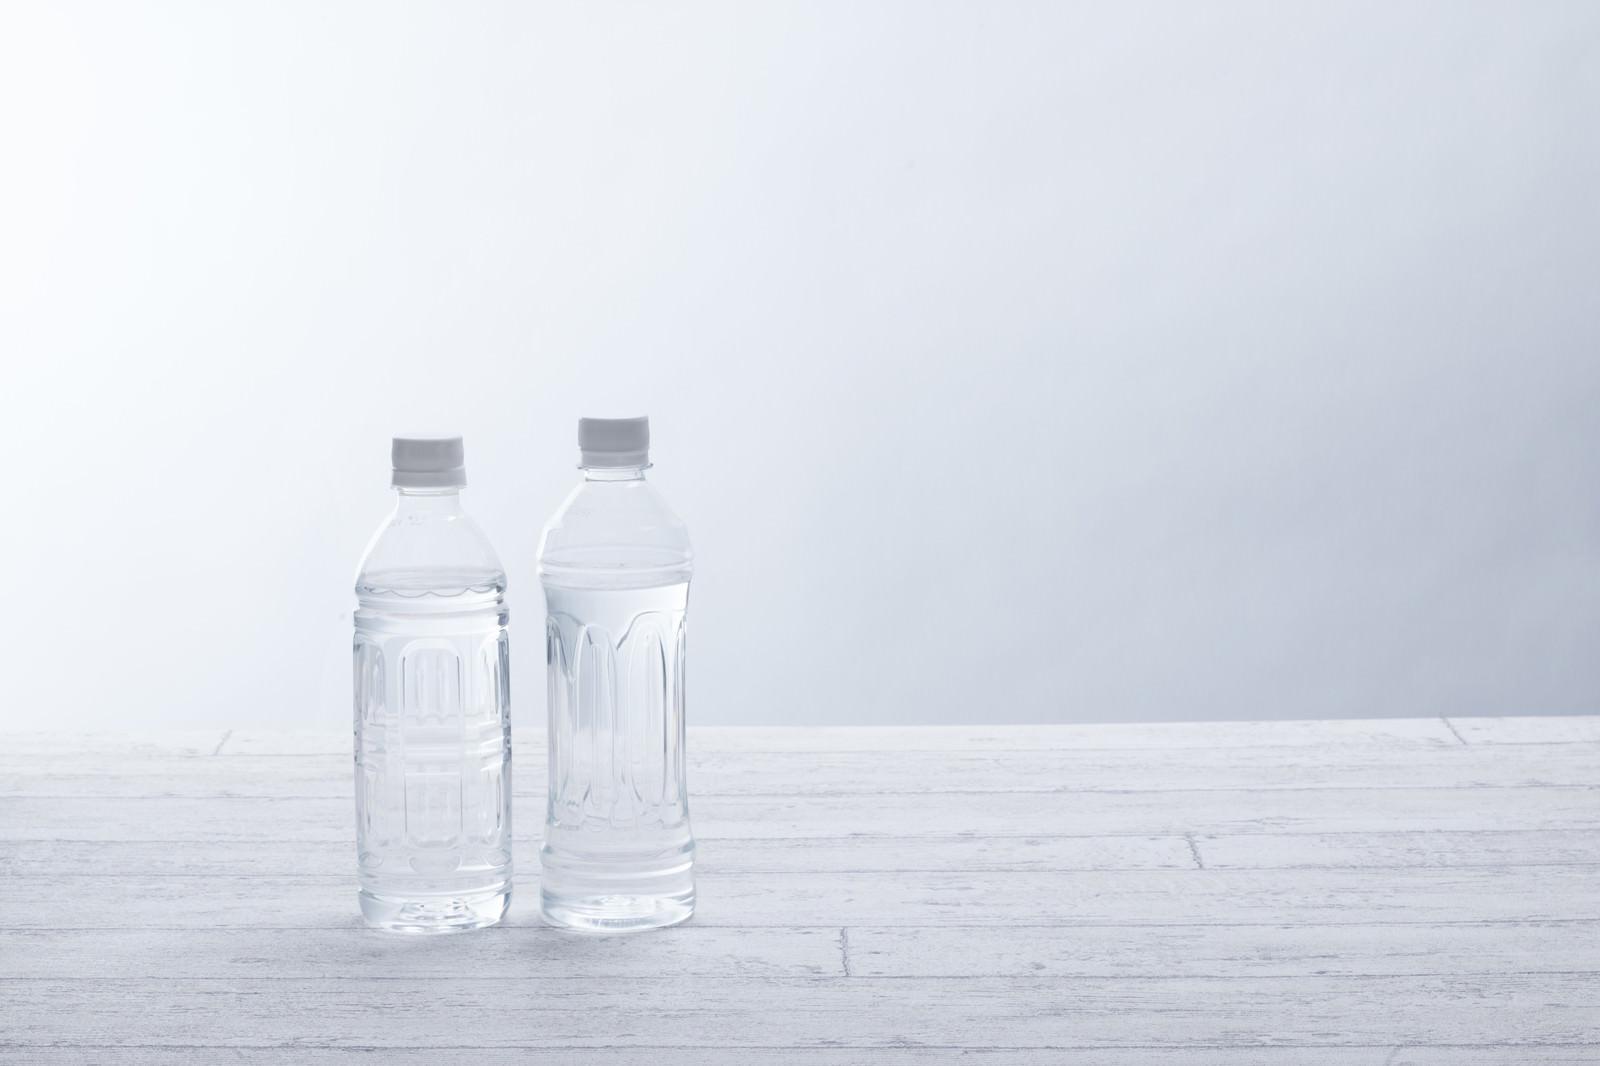 「ミネラルウォーターが入ったペットボトル500ml」の写真